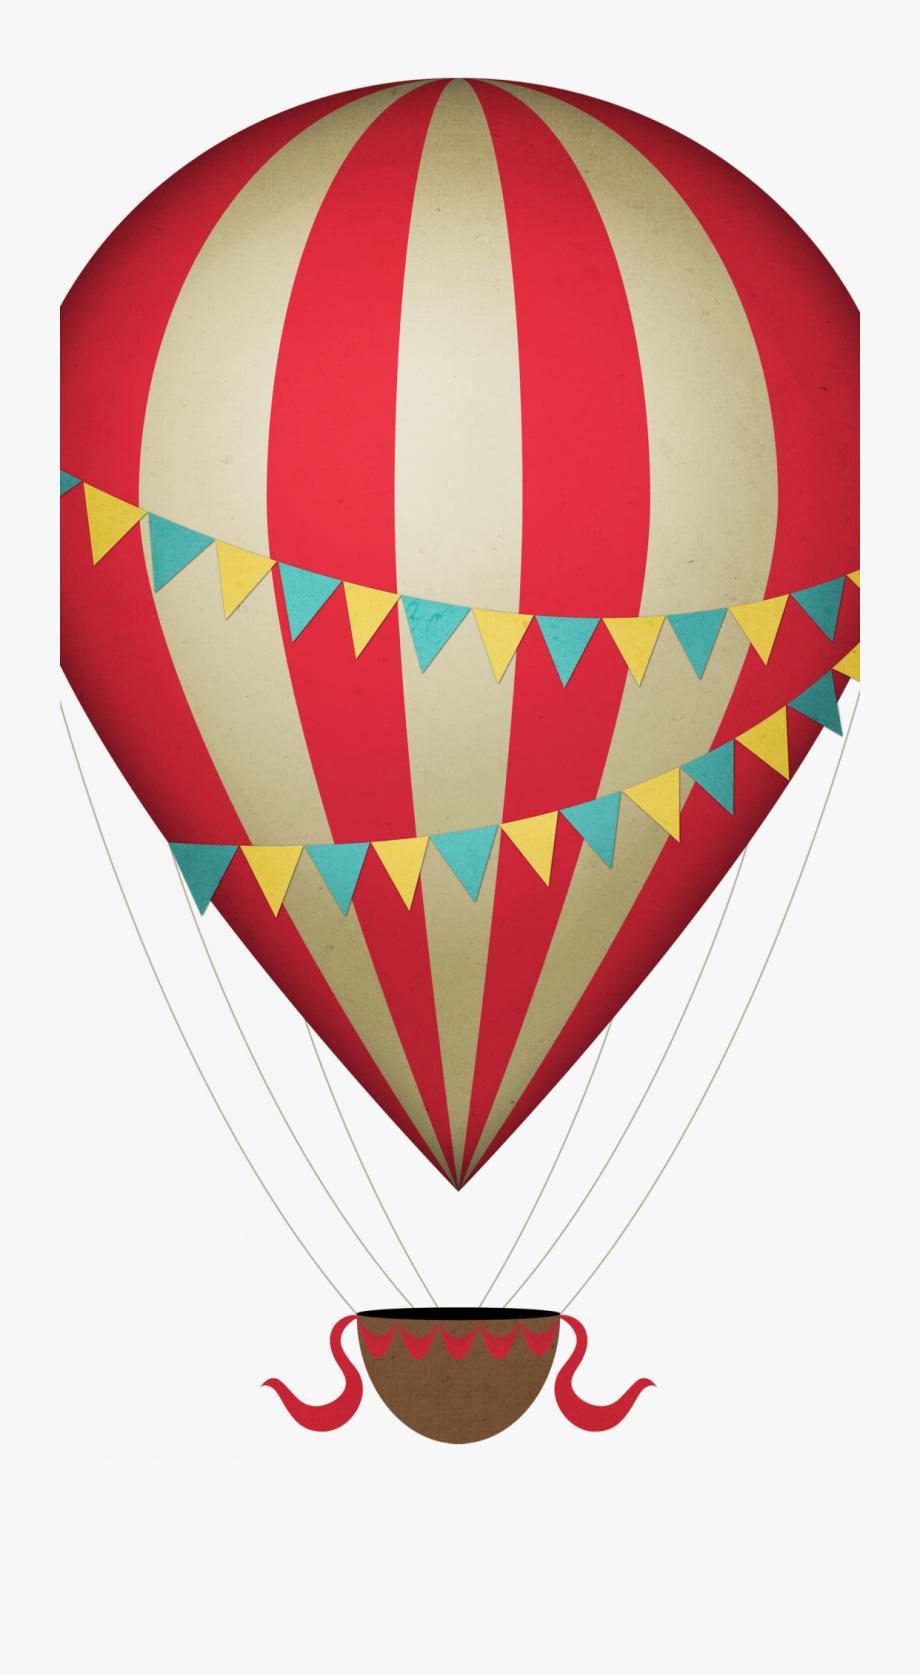 Vintage Hot Air Balloon Clipart Cc Vintage Hot Air.